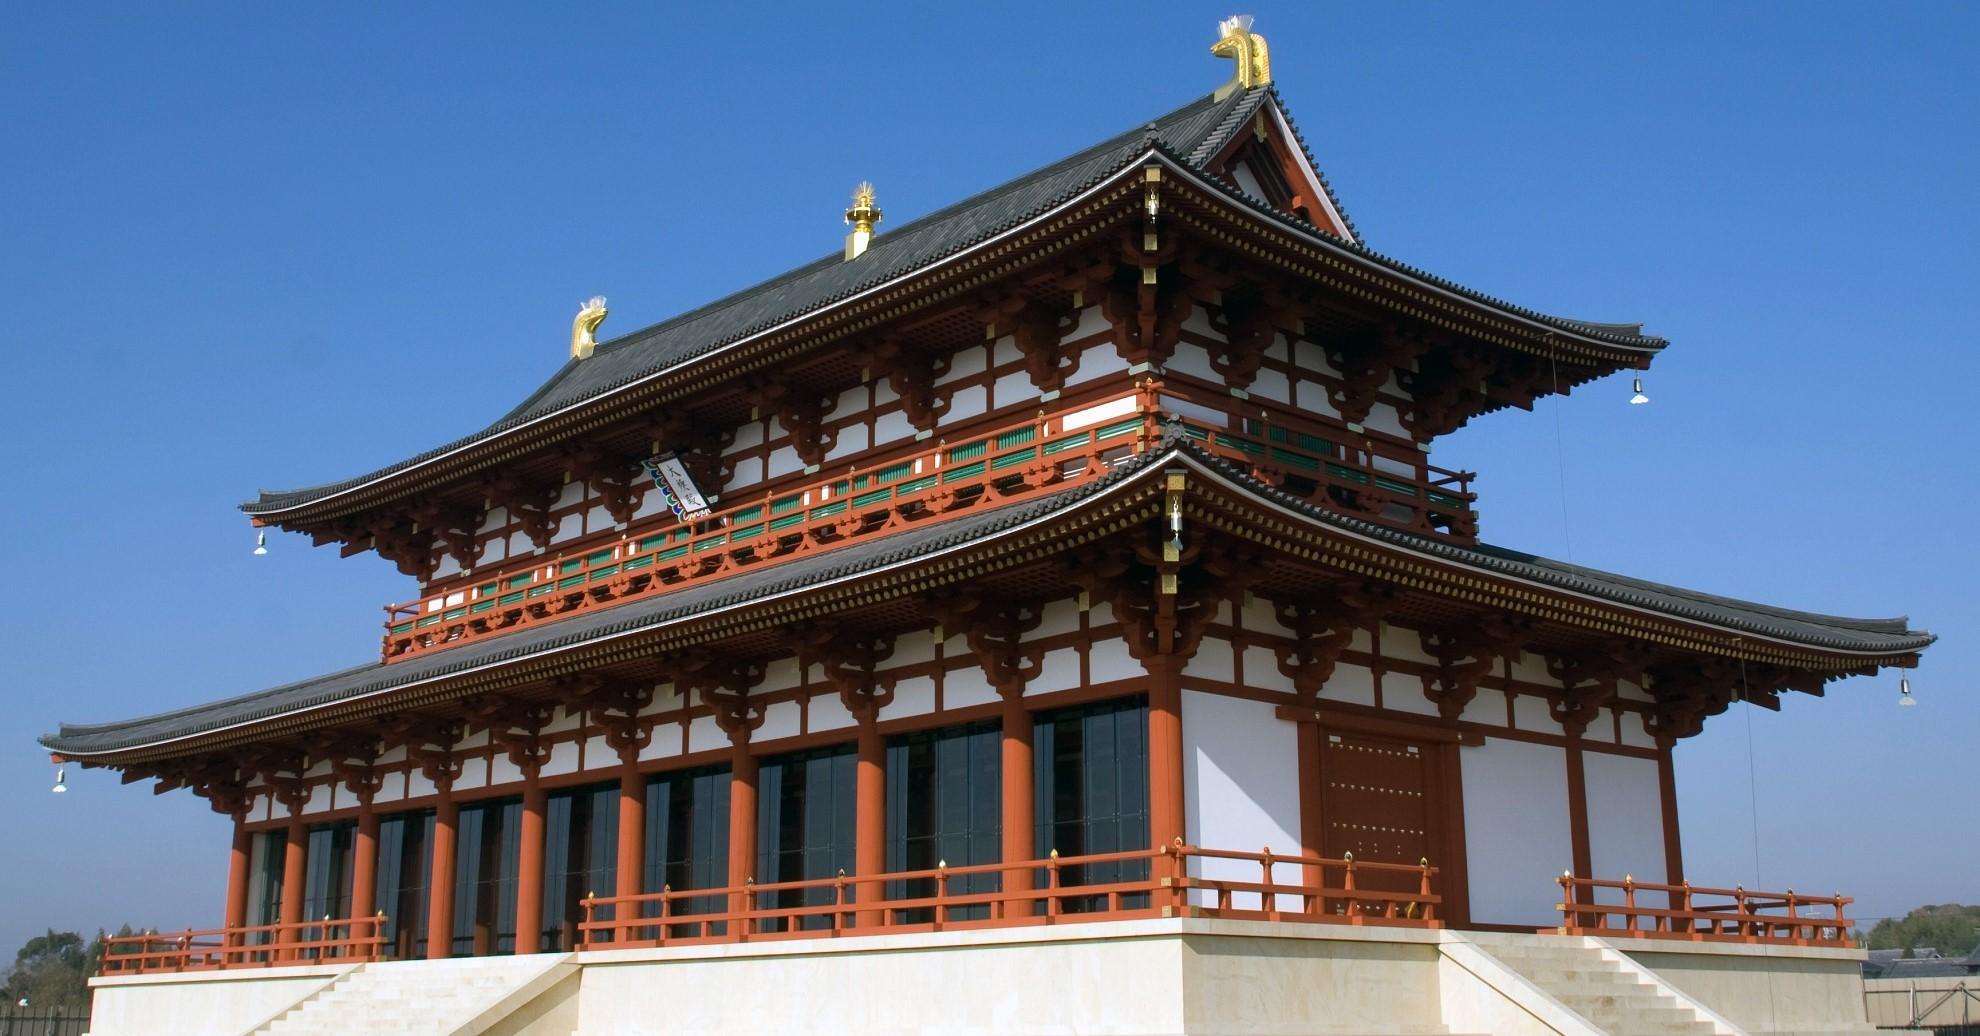 世界遺産や歴史的建造物を大切にしながら、豊かな暮らしを楽しめるまちです。